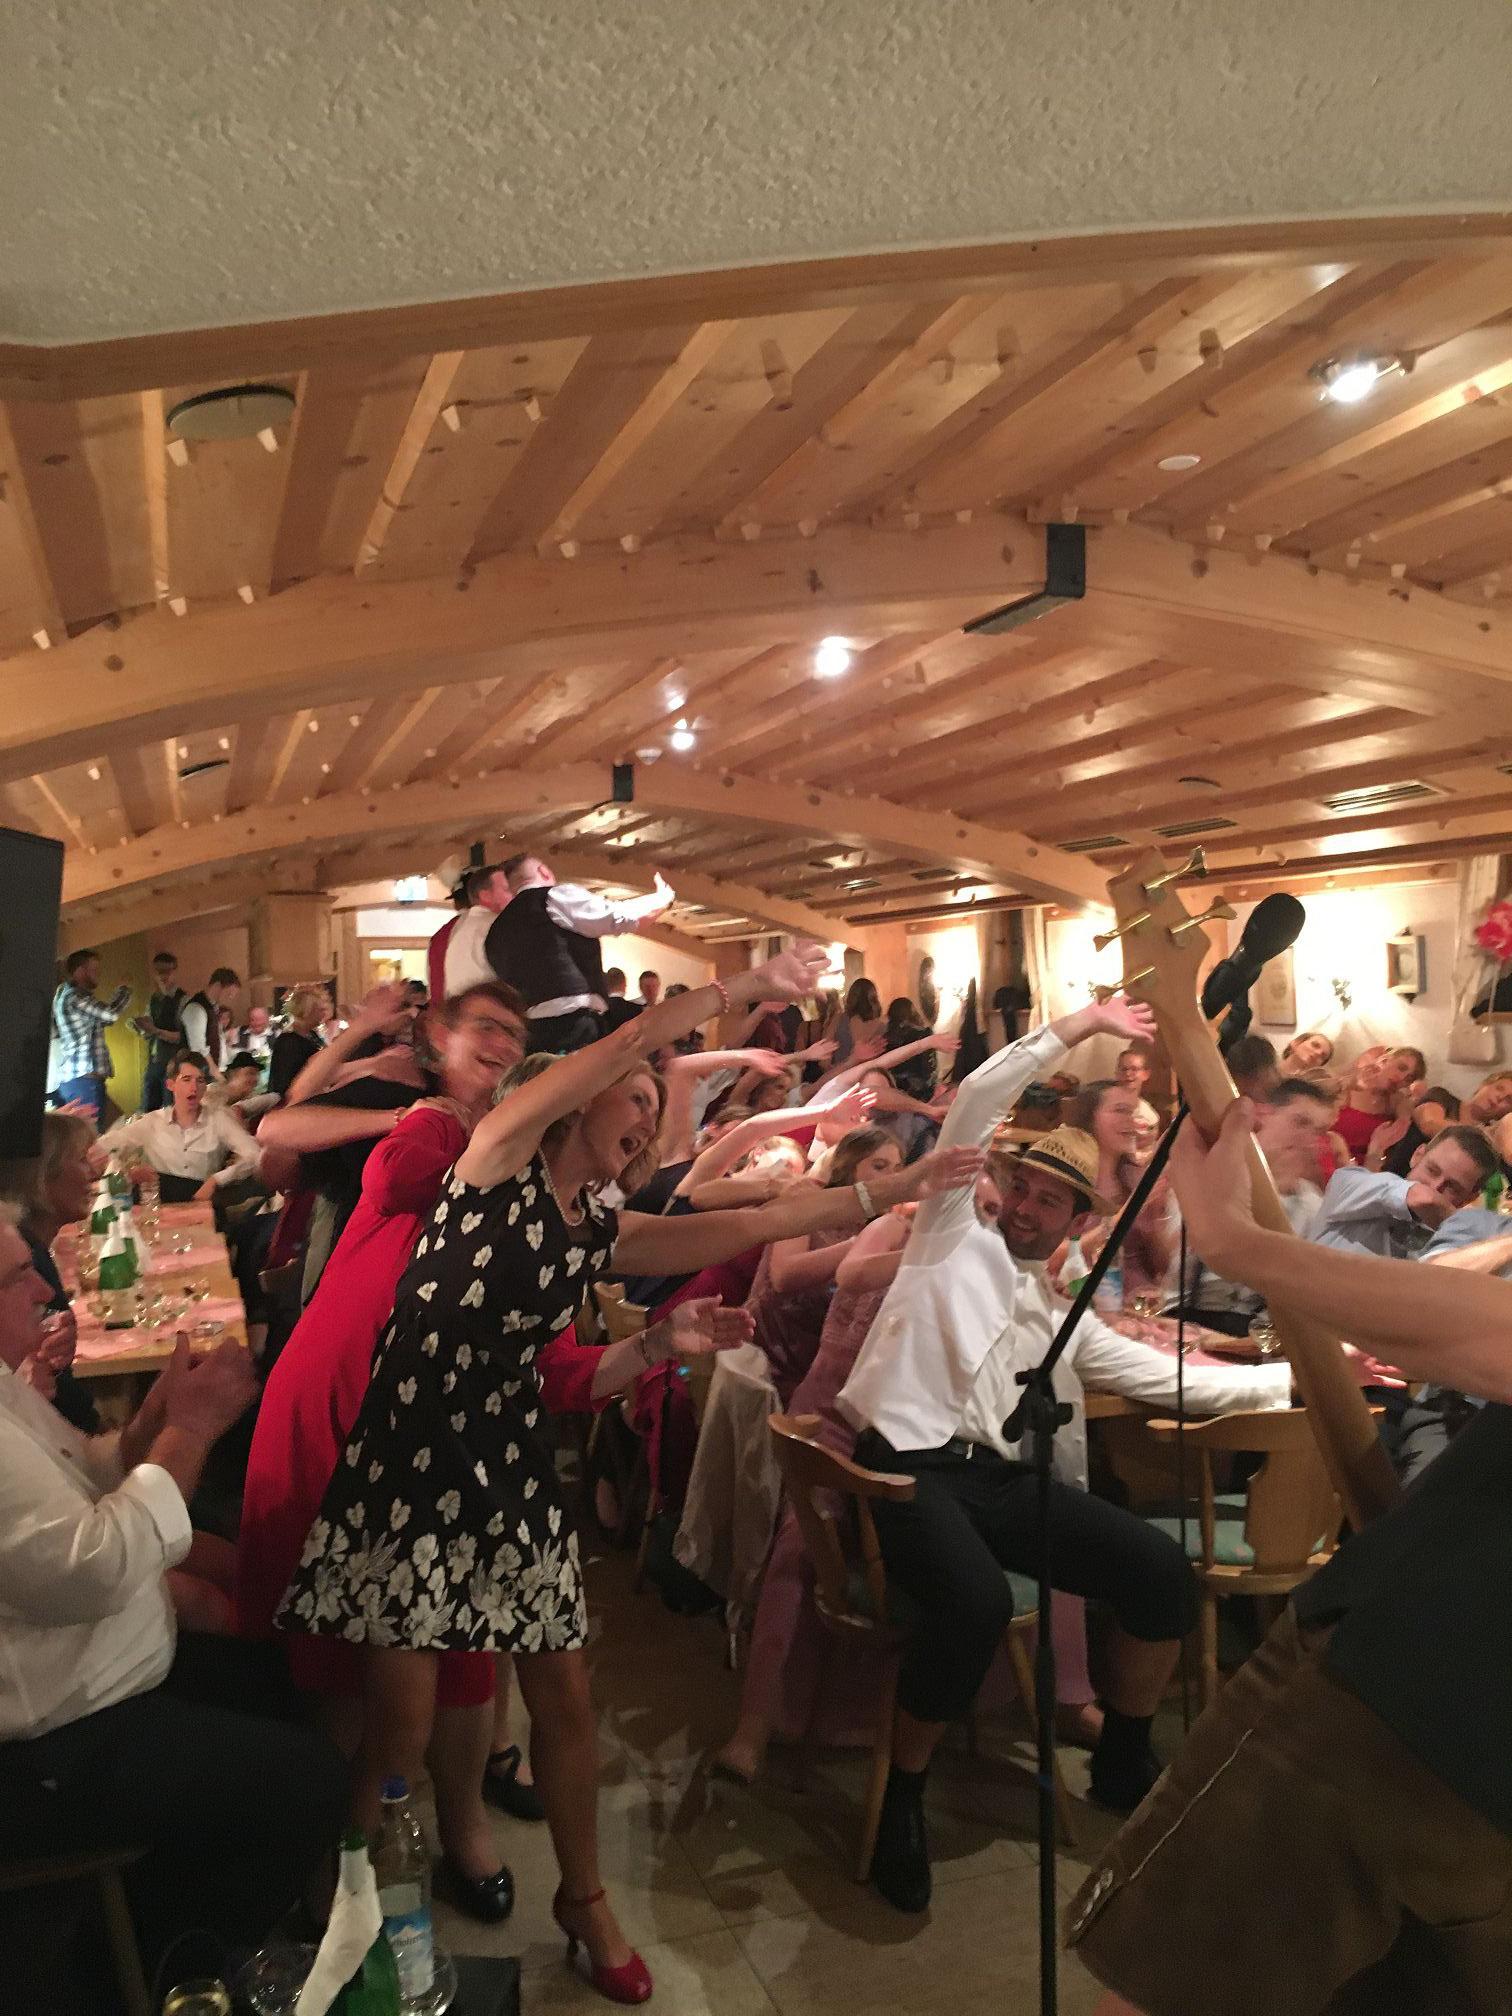 bayrische Partyband Alpfuier in action aus dem Oberallgäu, Ostallgäu, Unterallgäu (Bayern) und Tirol, Kempten, Füssen, Pfronten, Kaufbeuren, Memmingen, Reutte